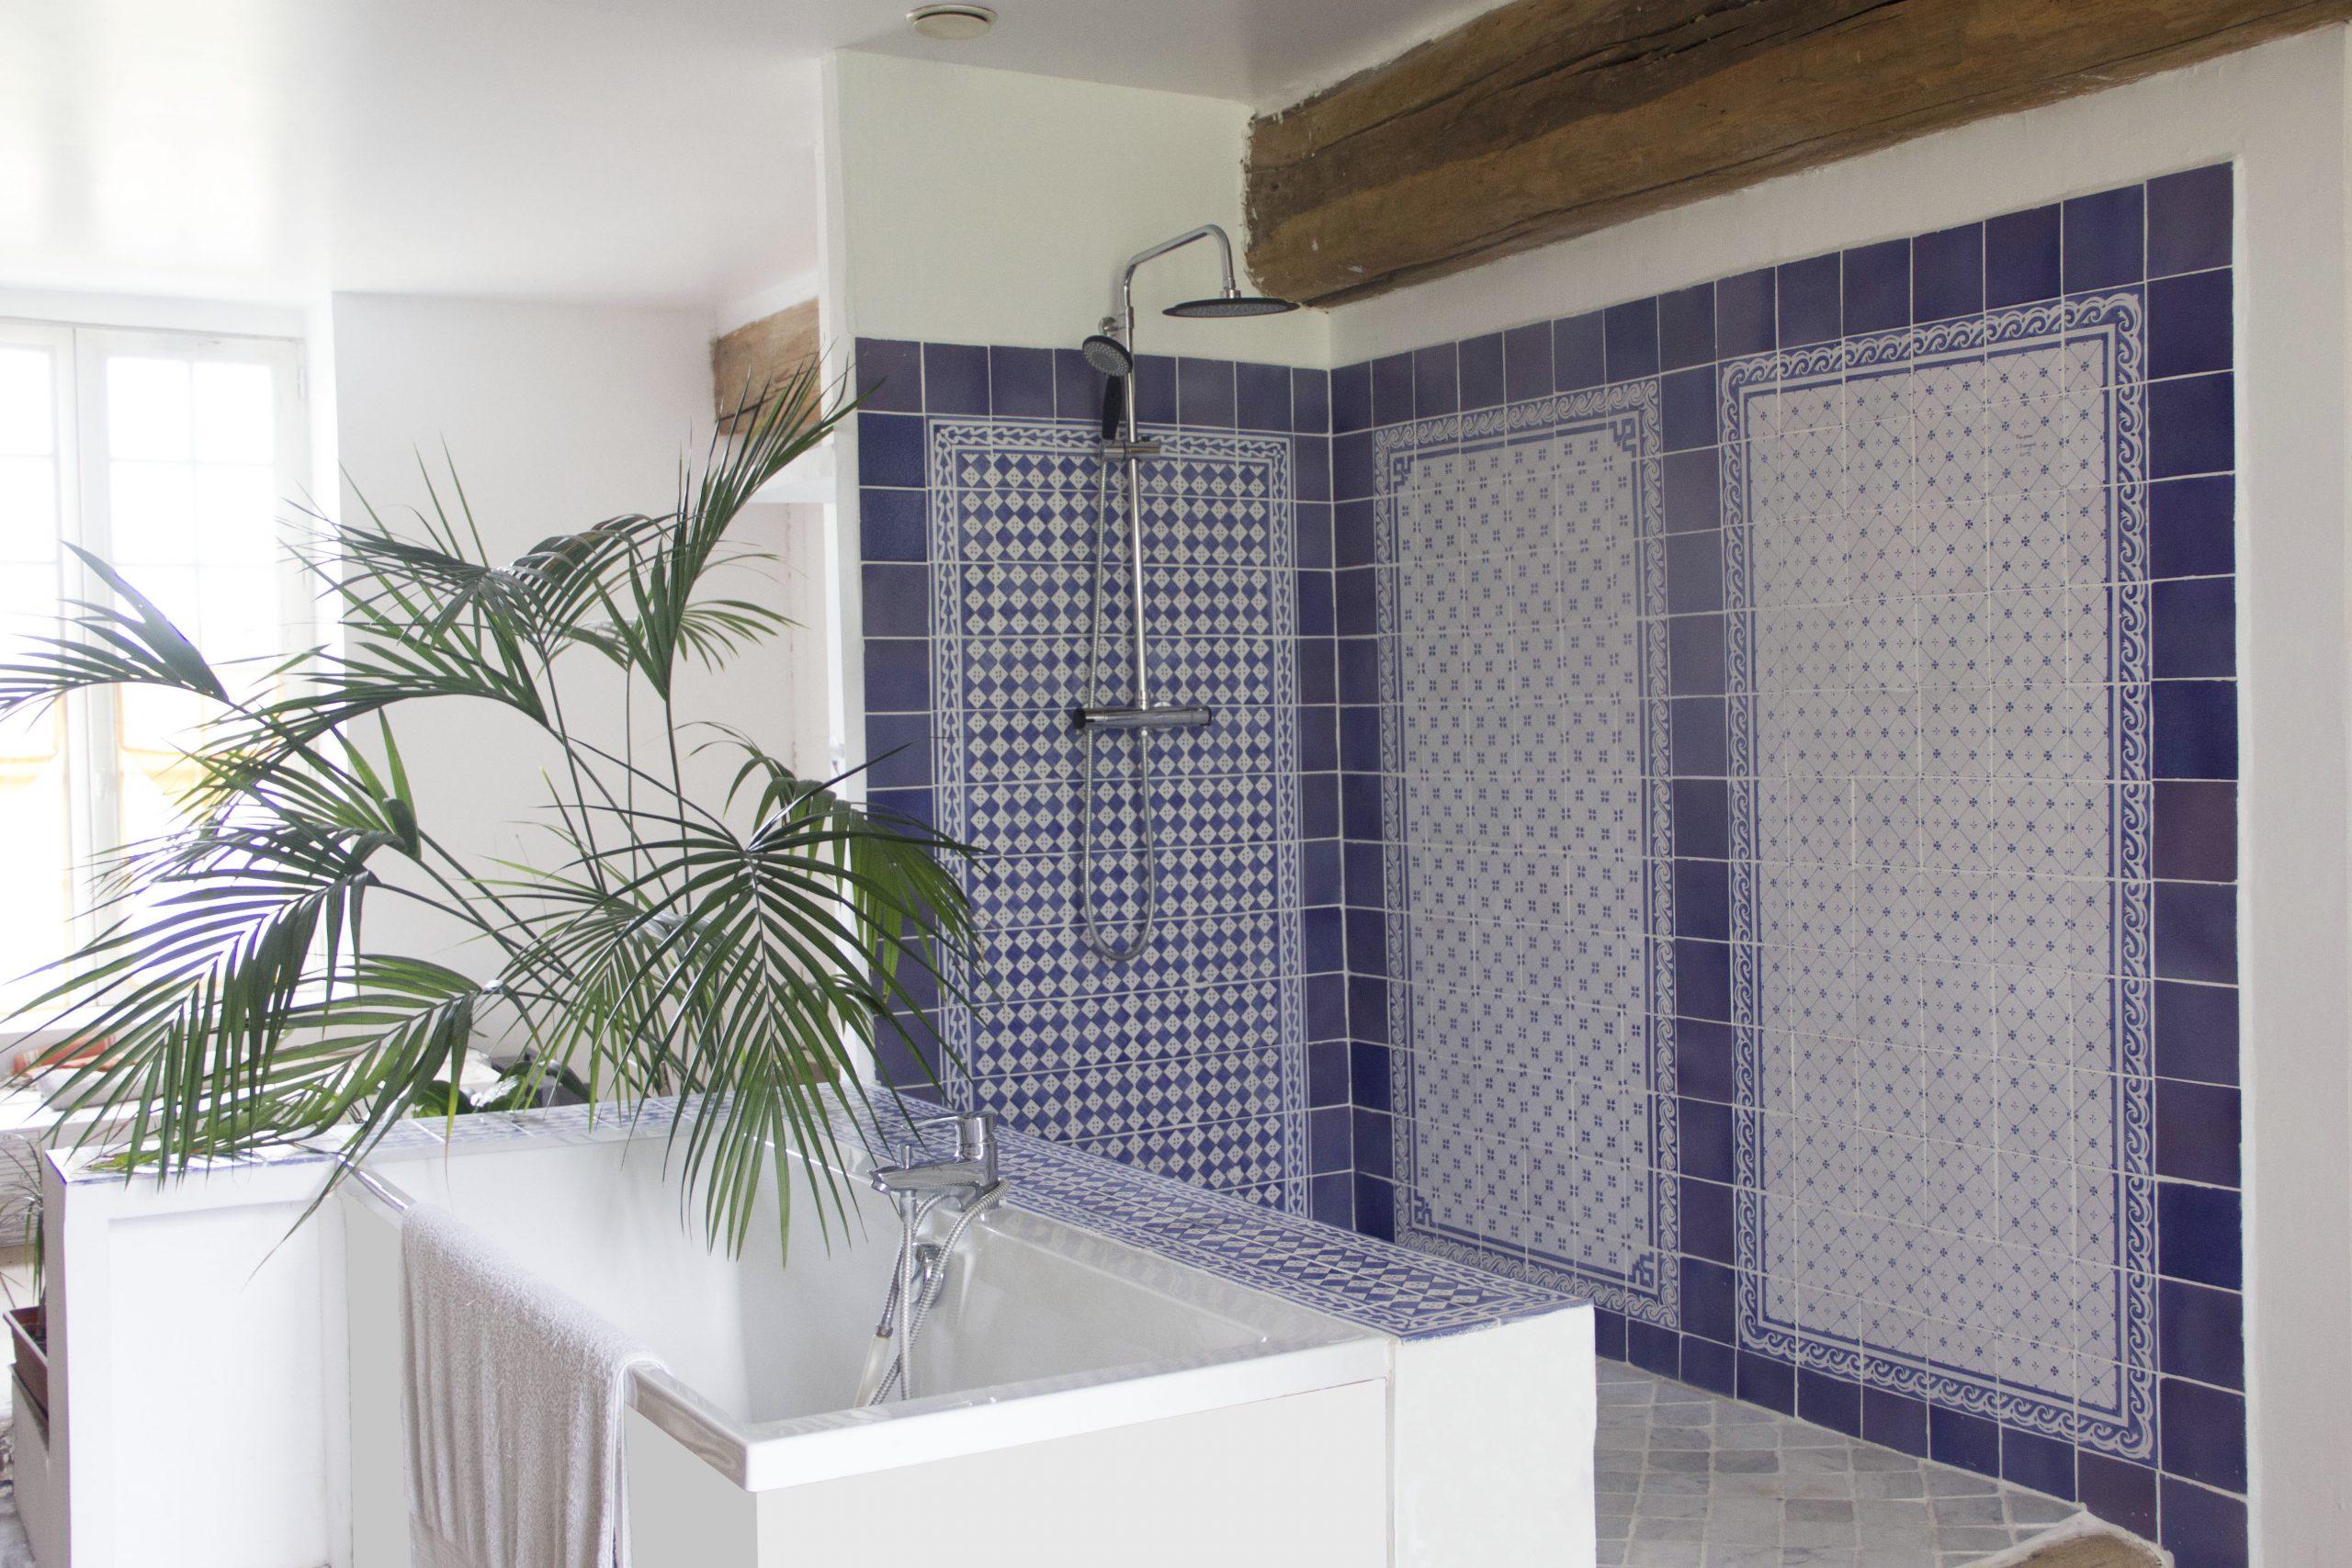 FAÏENCE PONCHON, des carreaux de fabrication artisanale, un savoir-faire d'excellence au service de vos murs